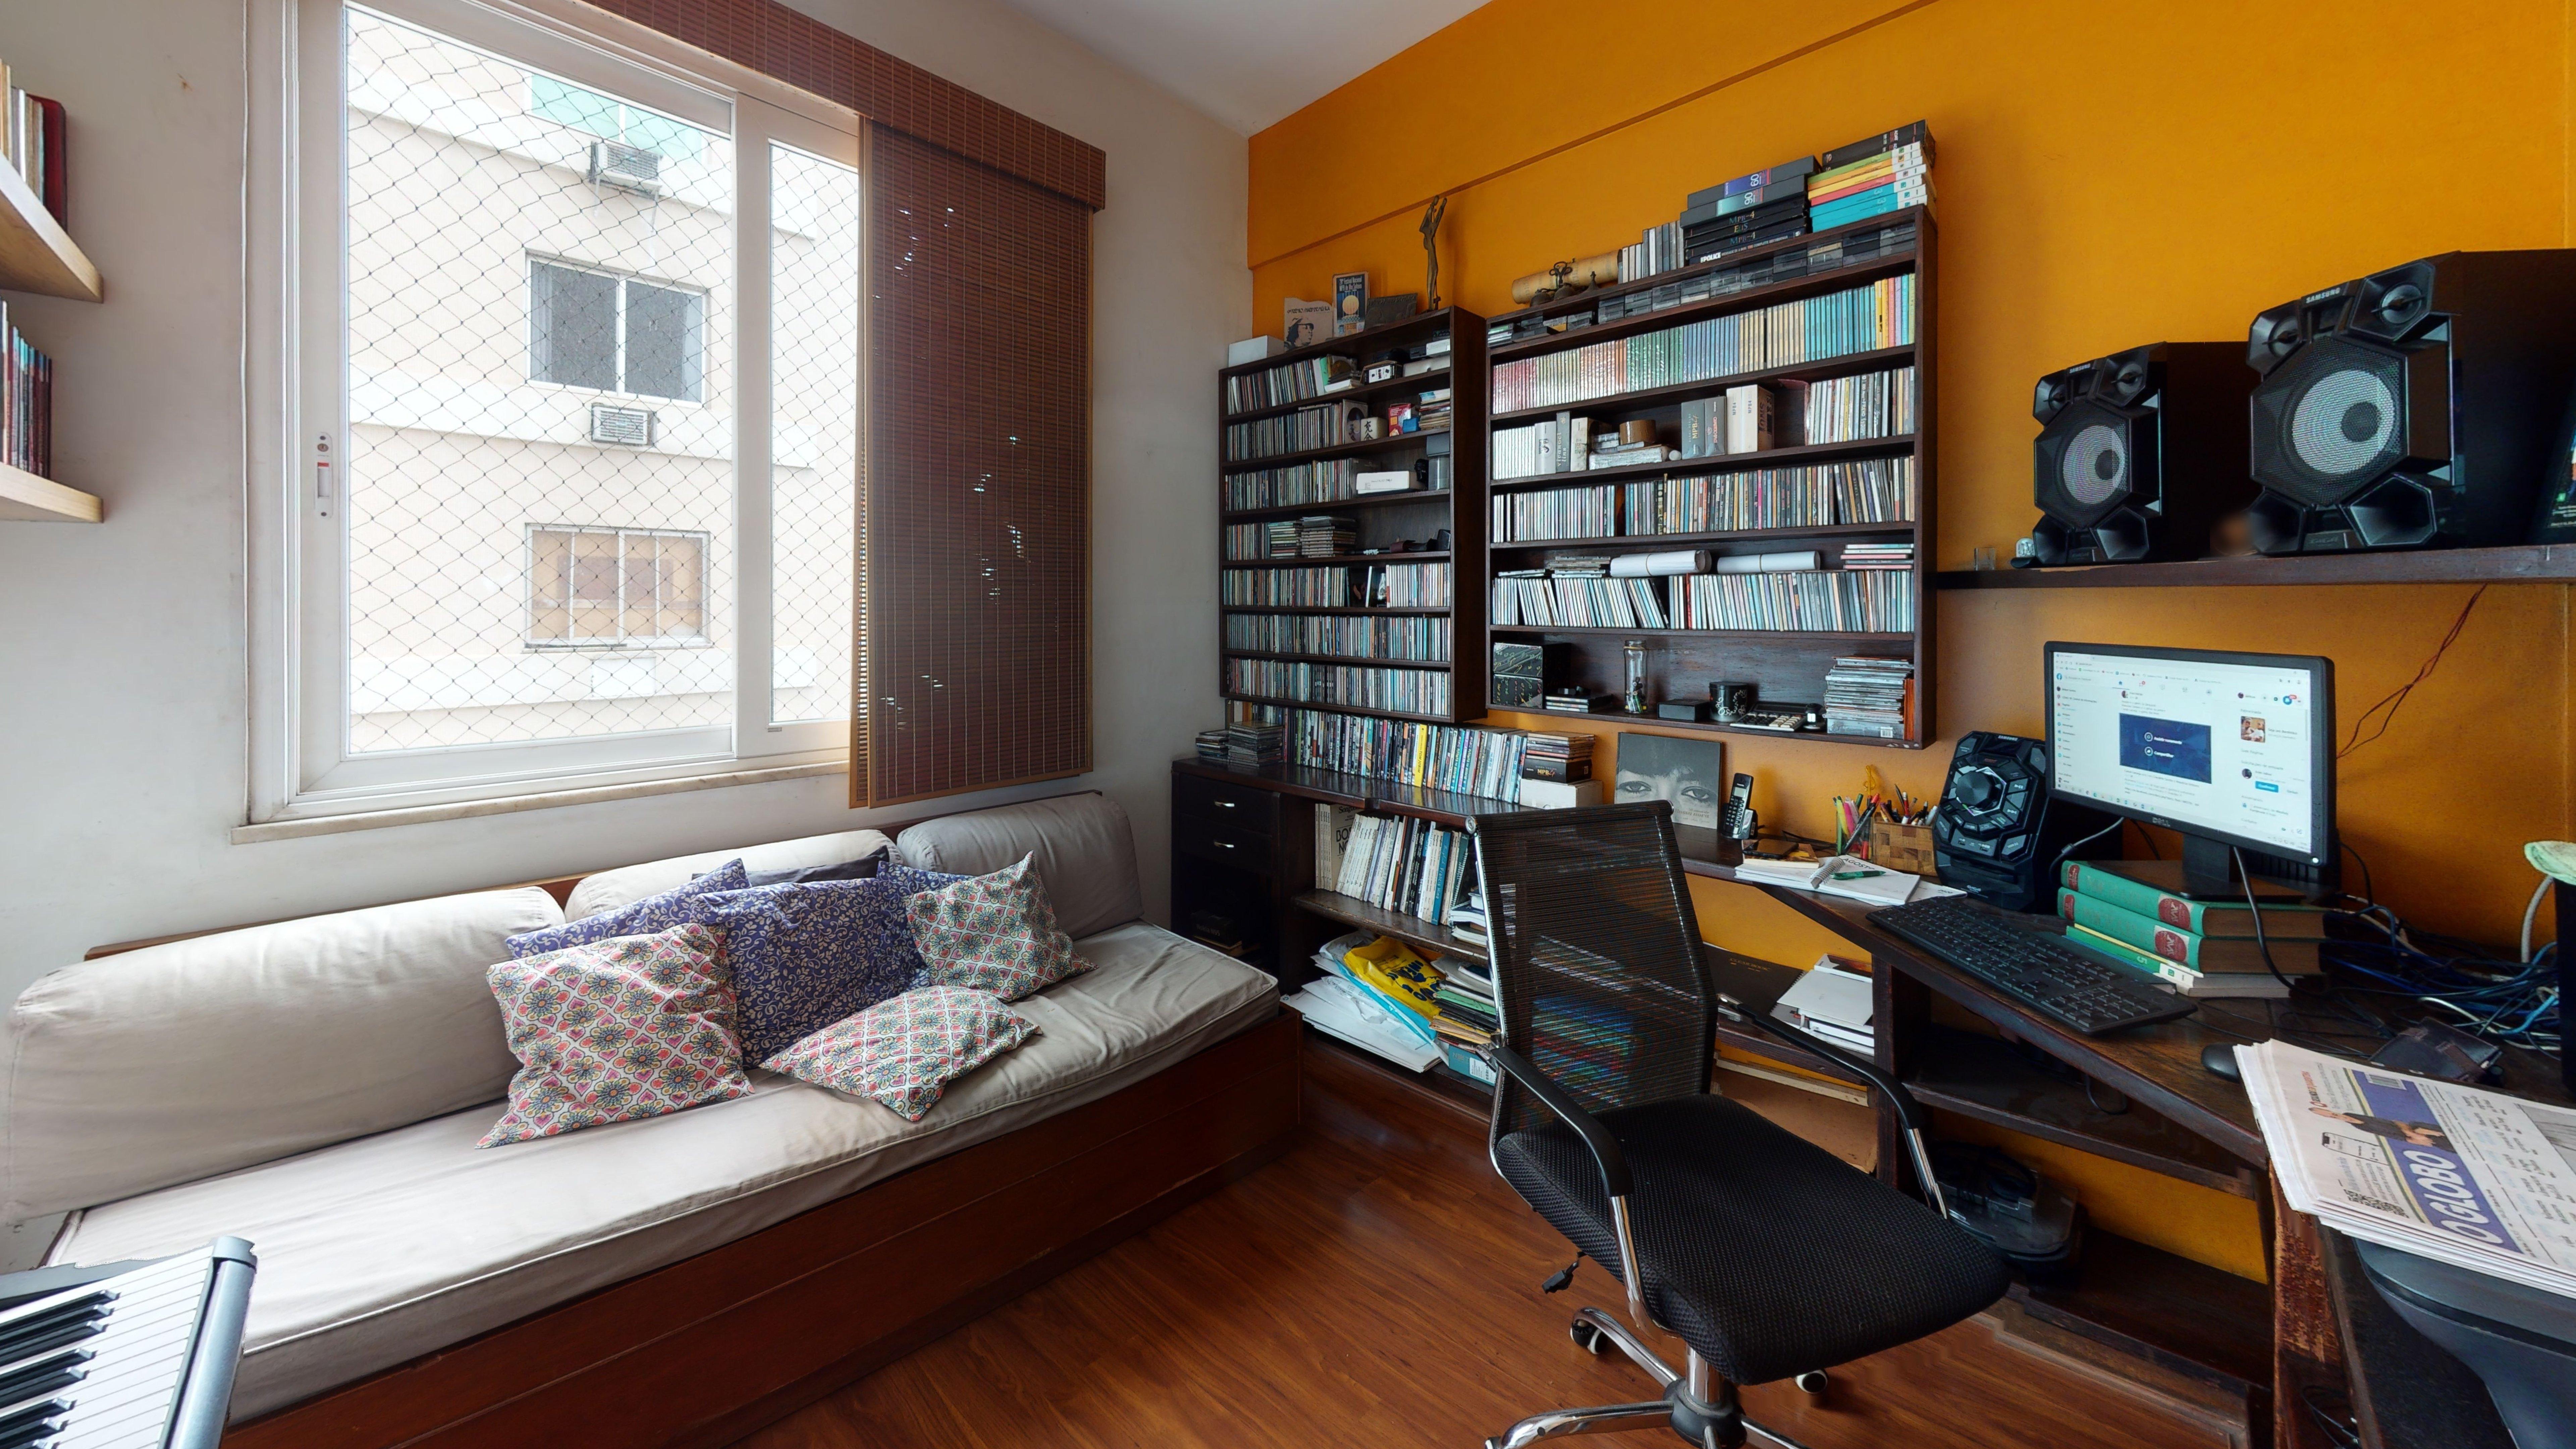 Foto de Sala com teclado, sofá, televisão, relógio, cadeira, livro